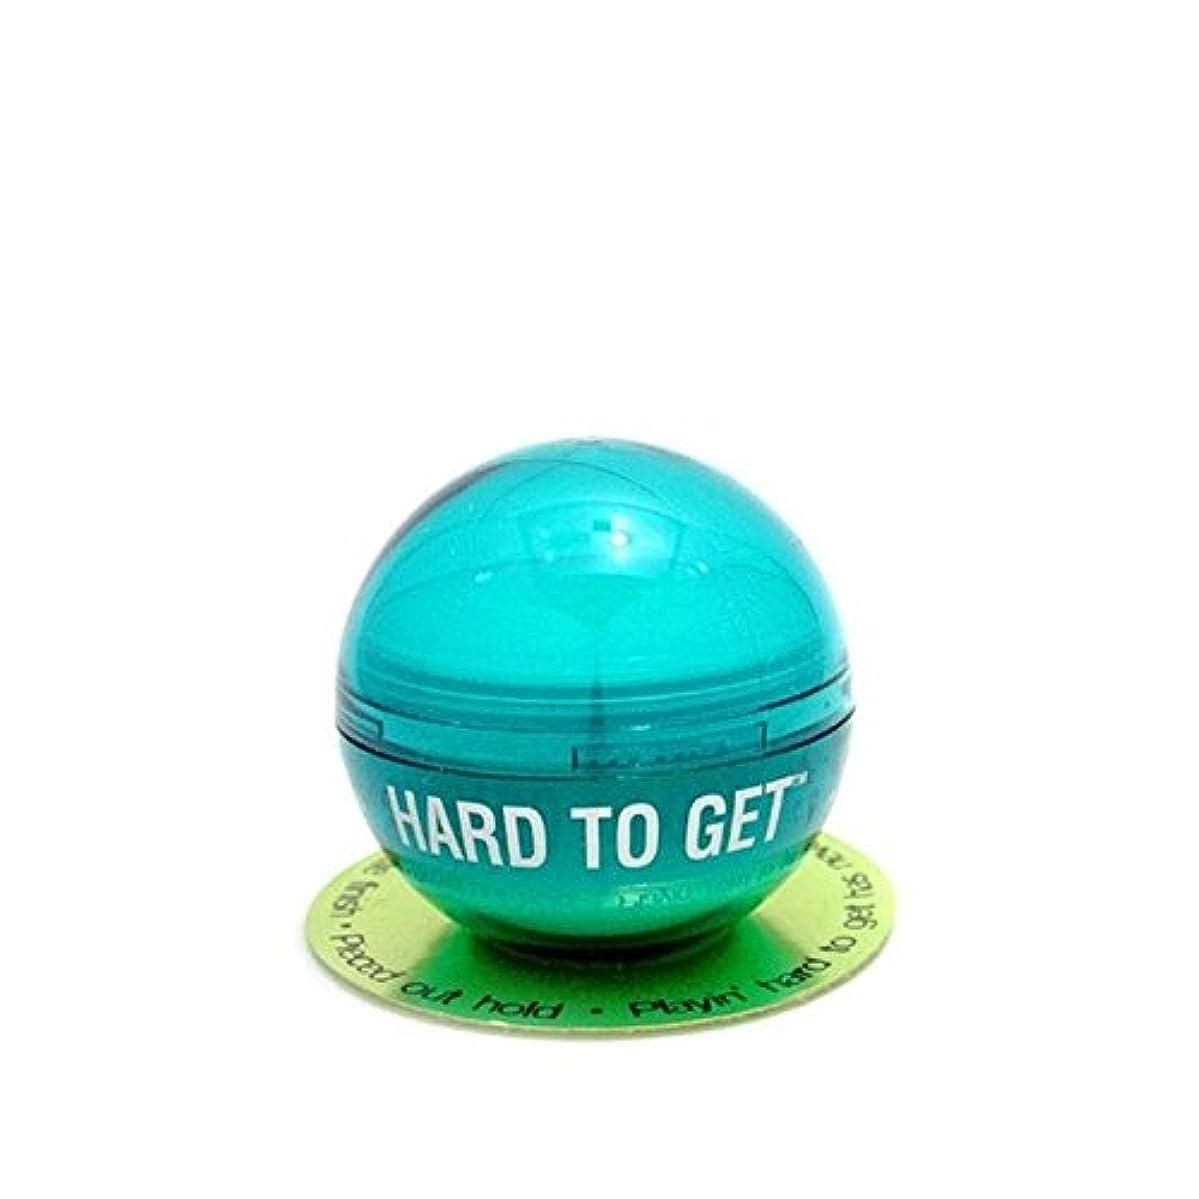 申請中不規則なイサカTigi Bed Head Hard To Get Texturising Paste (42G) - テクスチャーペーストを取得するのは難しいティジーベッドヘッド(42グラム) [並行輸入品]